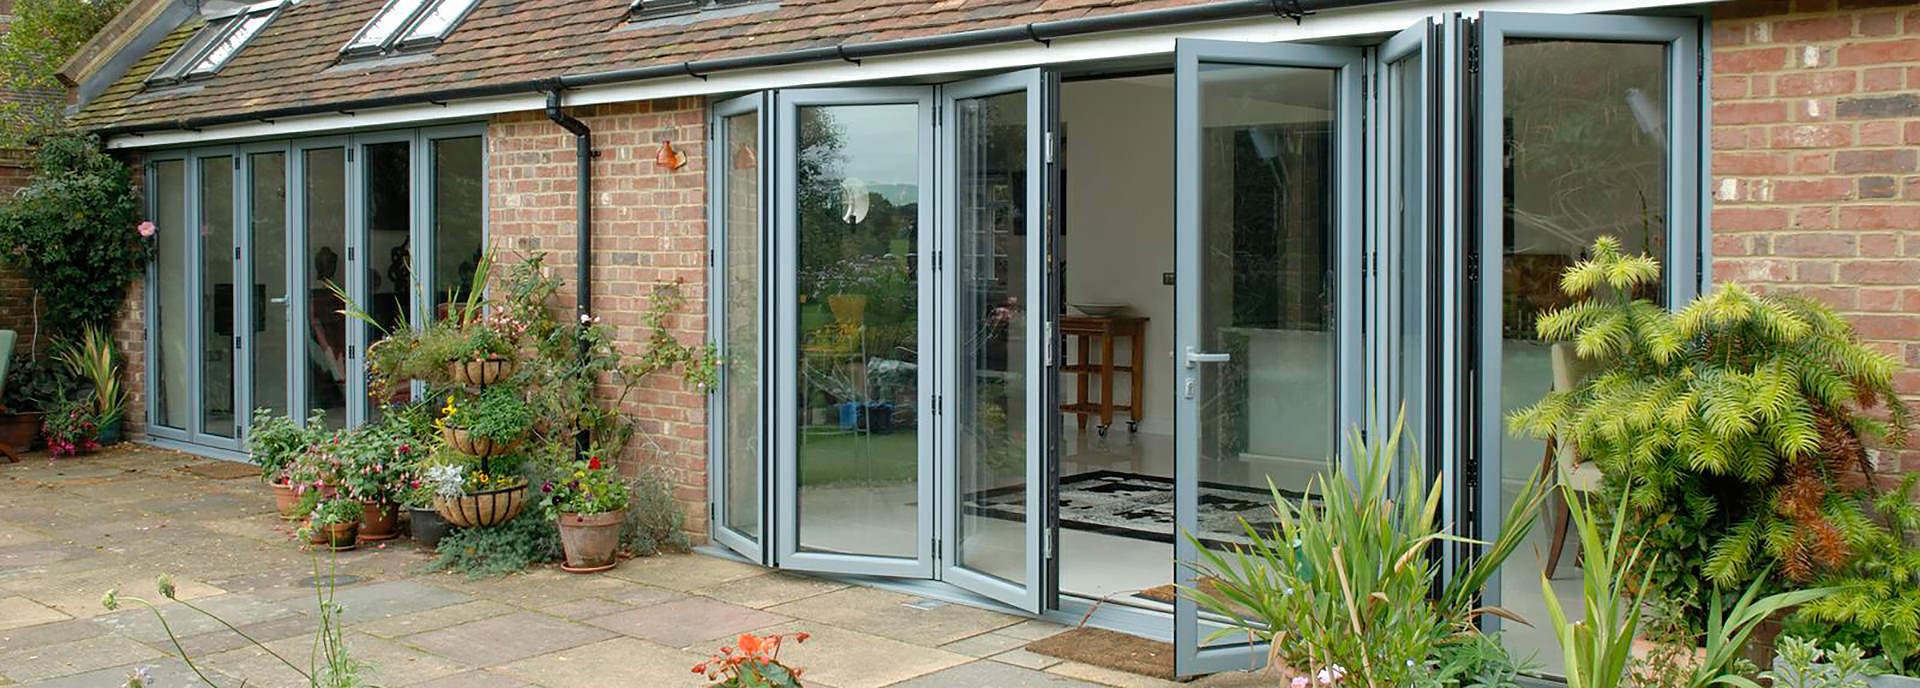 aluminium bi-fold doors Romsey southampton